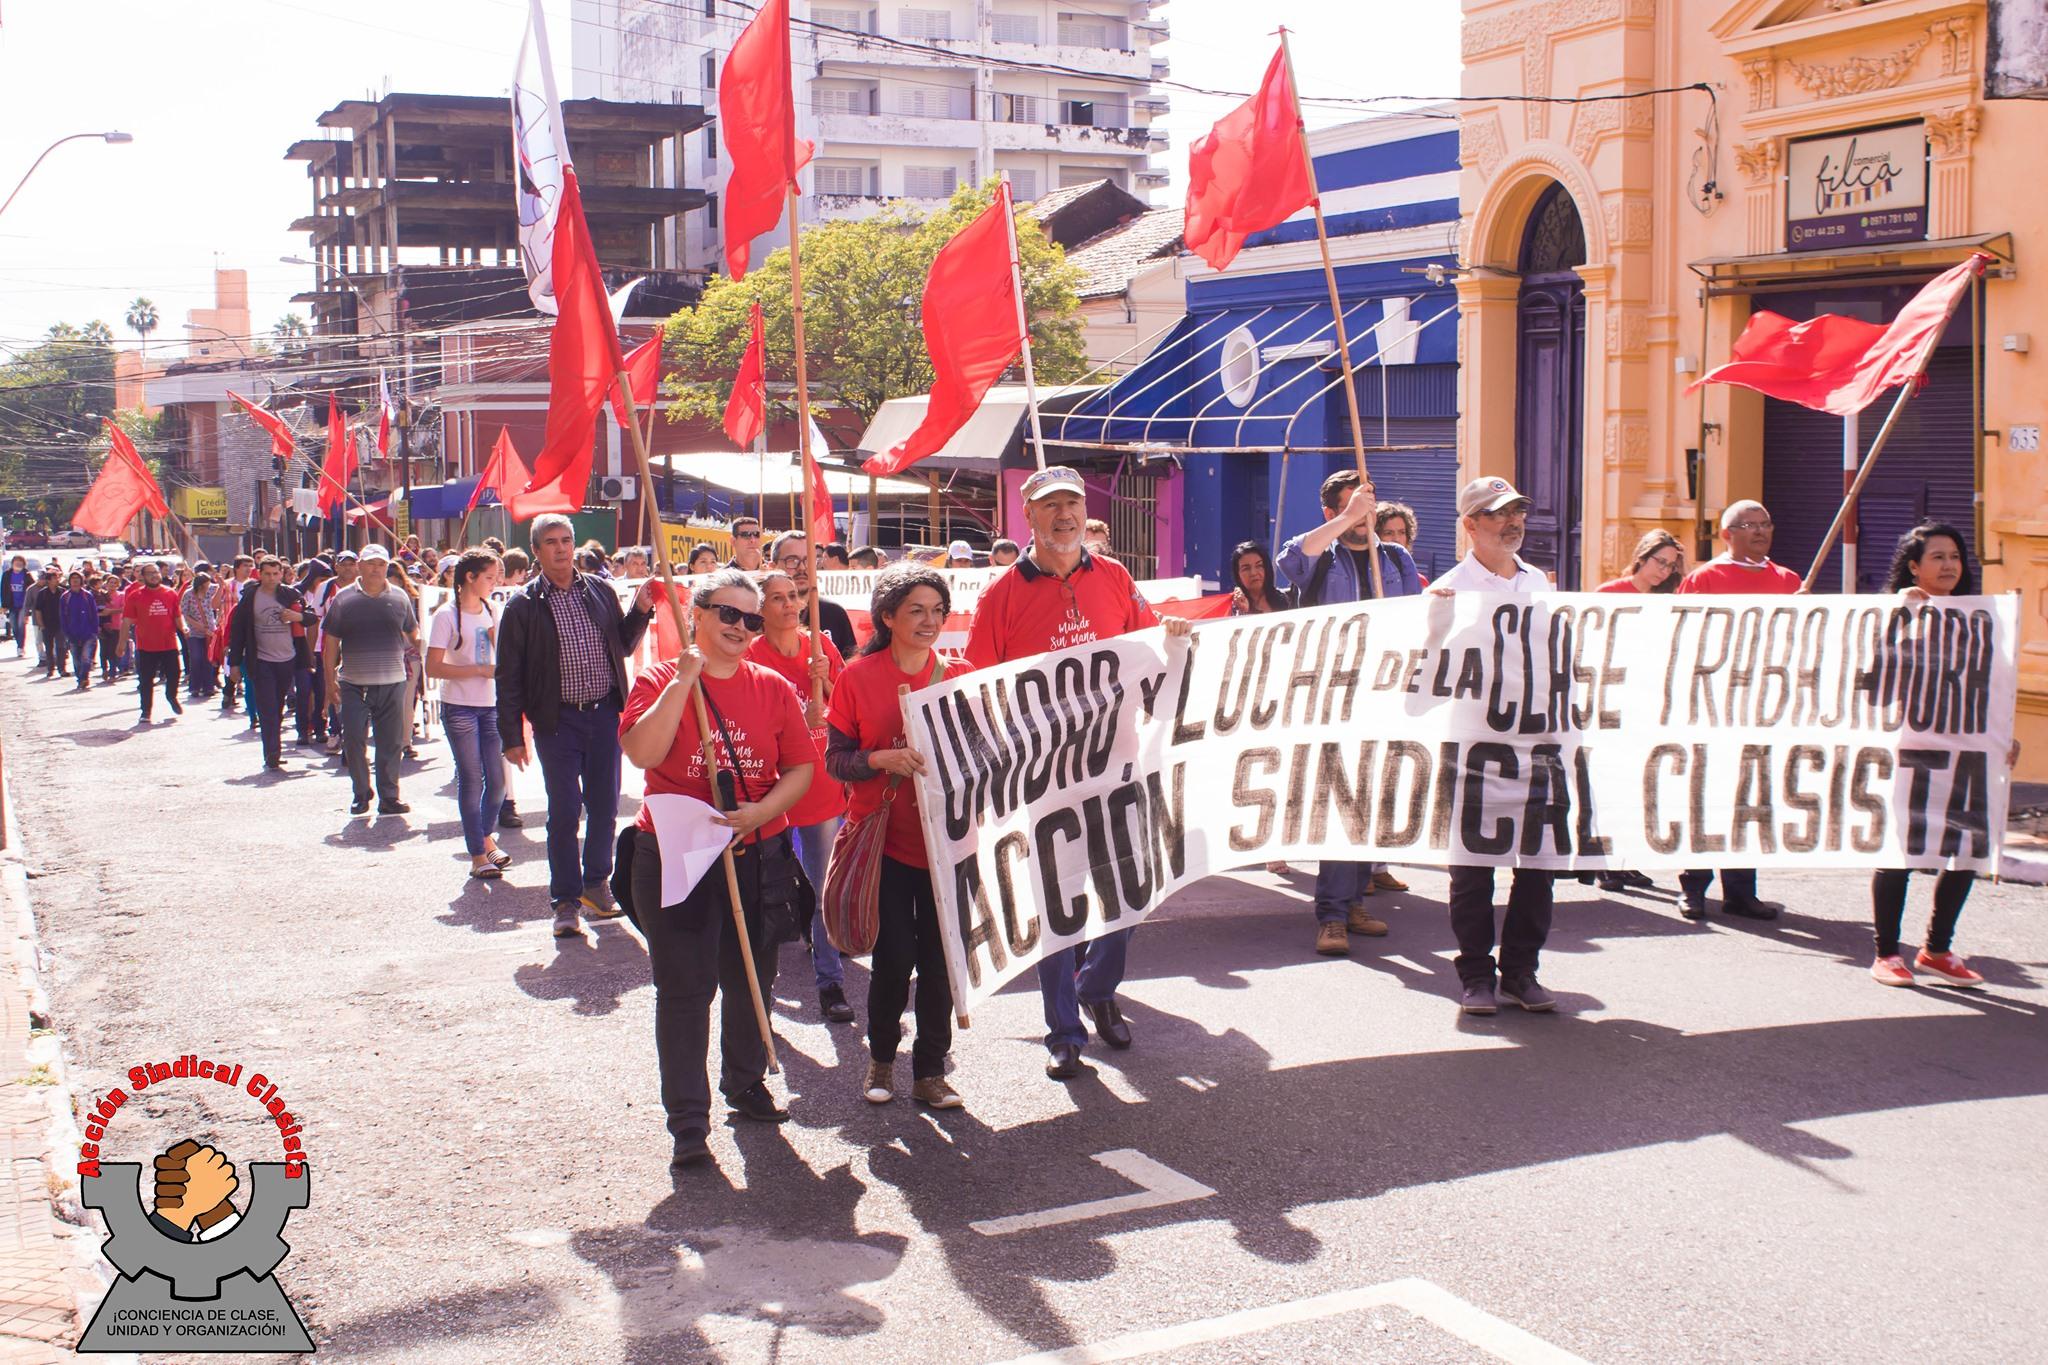 Pandemia debela crítica situación de derechos laborales en Paraguay